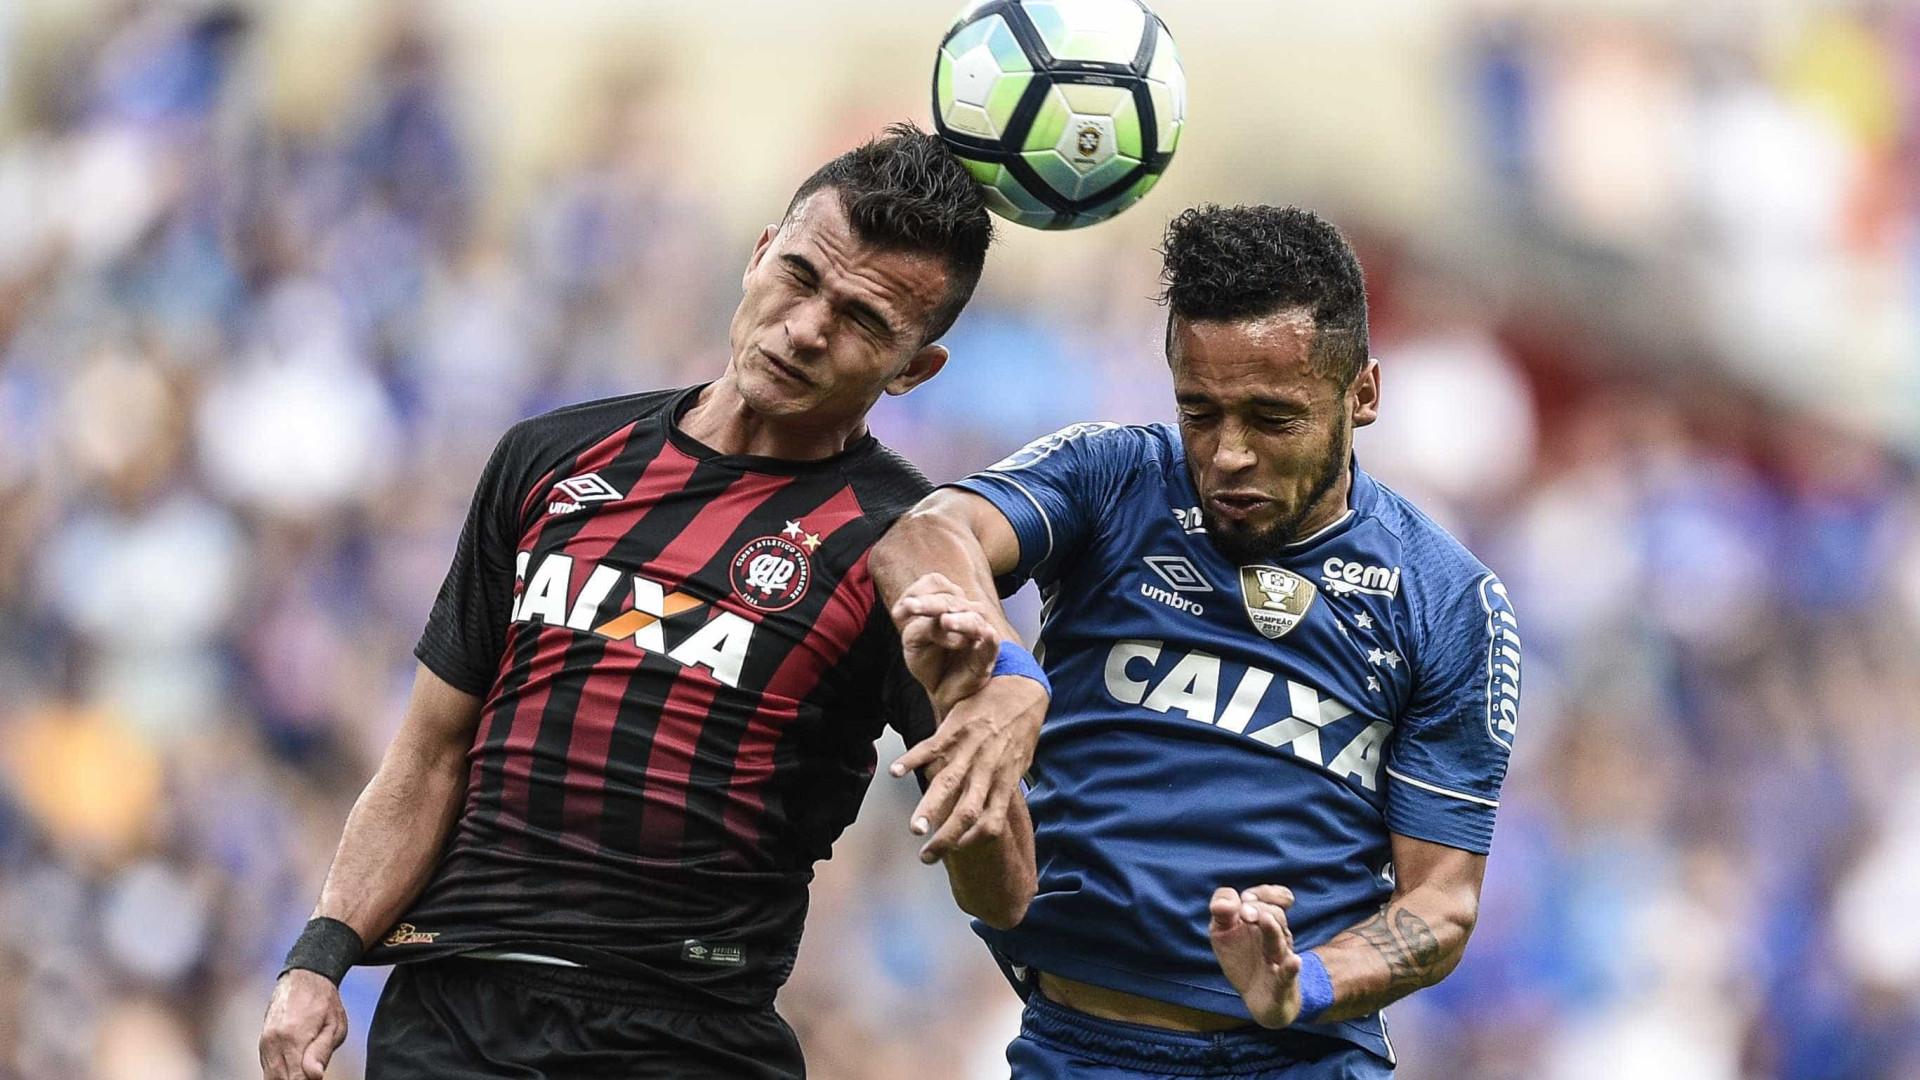 Cruzeiro frustra planos do Atlético-PR e vence com golaço de Arrascaeta